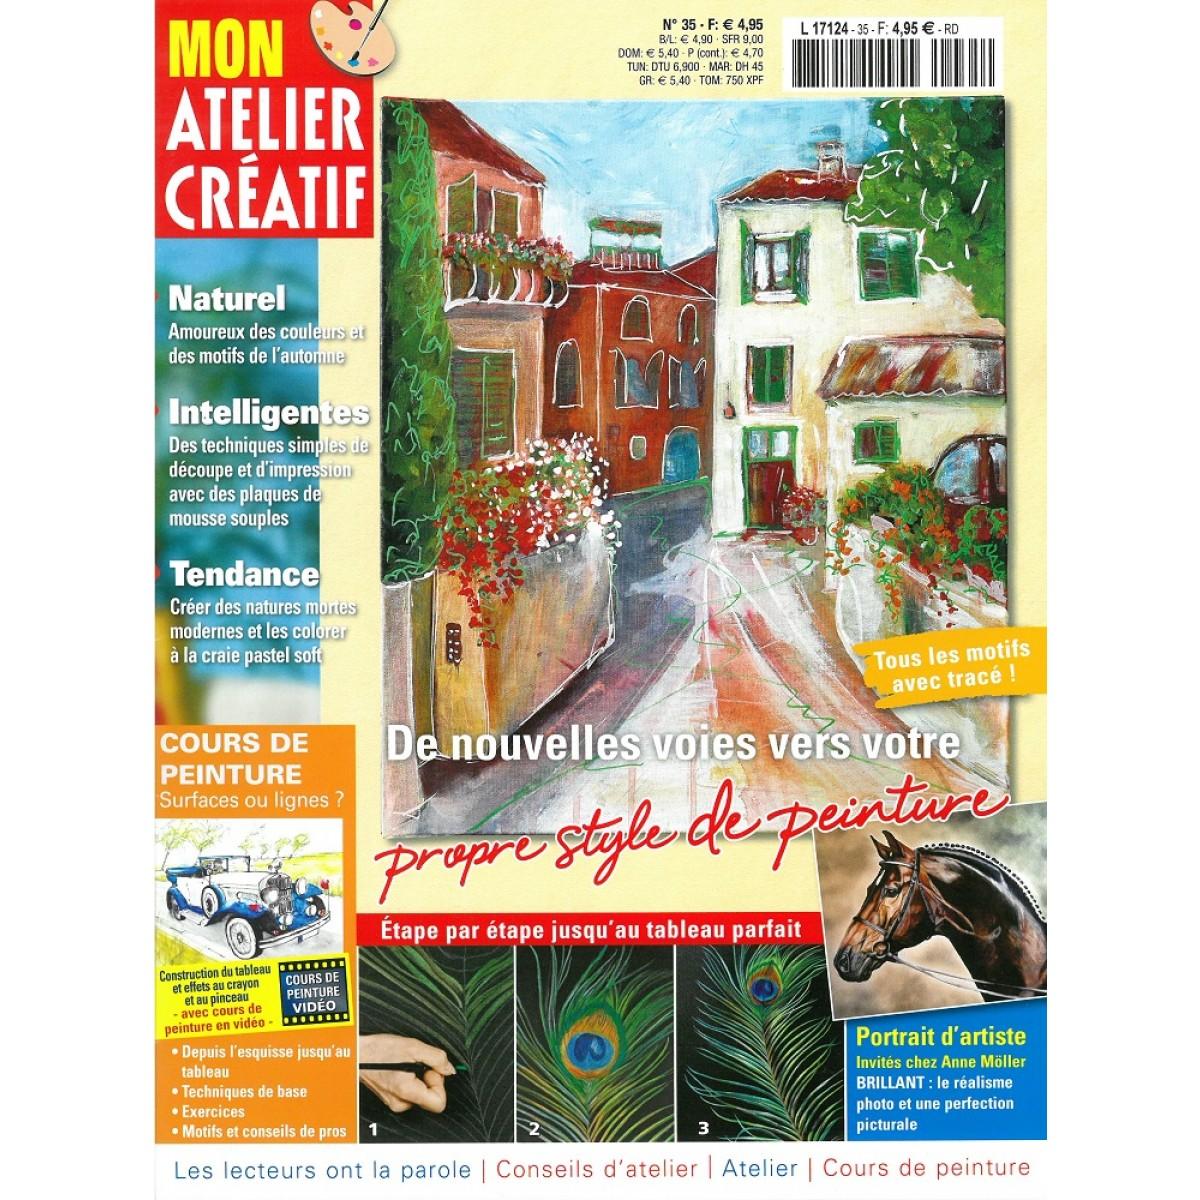 Abonnement mon atelier cr atif pas cher mag24 discount - Abonnement mon quotidien pas cher ...